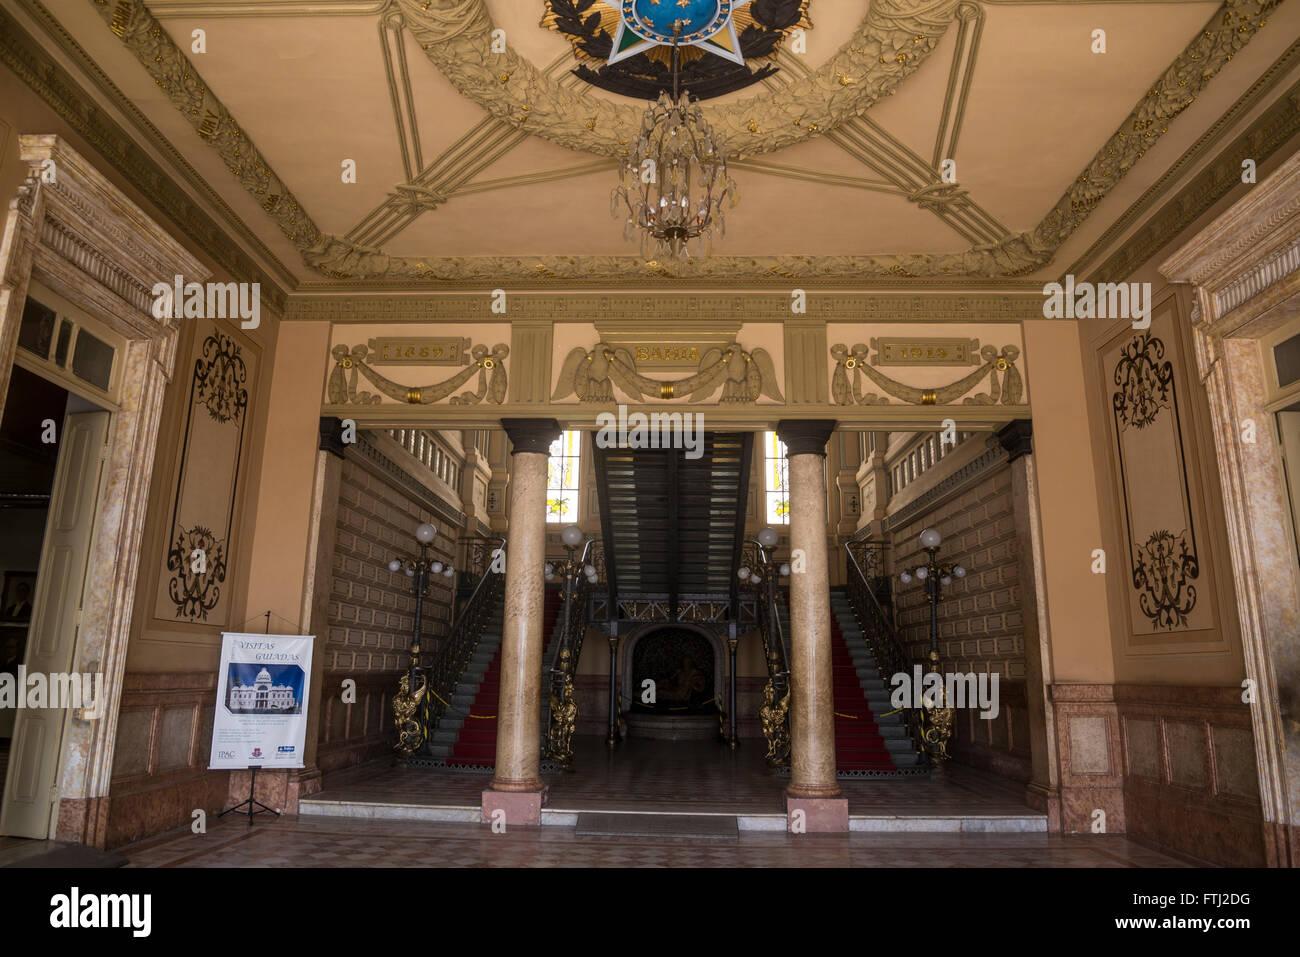 Palácio Rio Branco, Praça Tomé de Sousa, Salvador, Bahia, Brazil - Stock Image